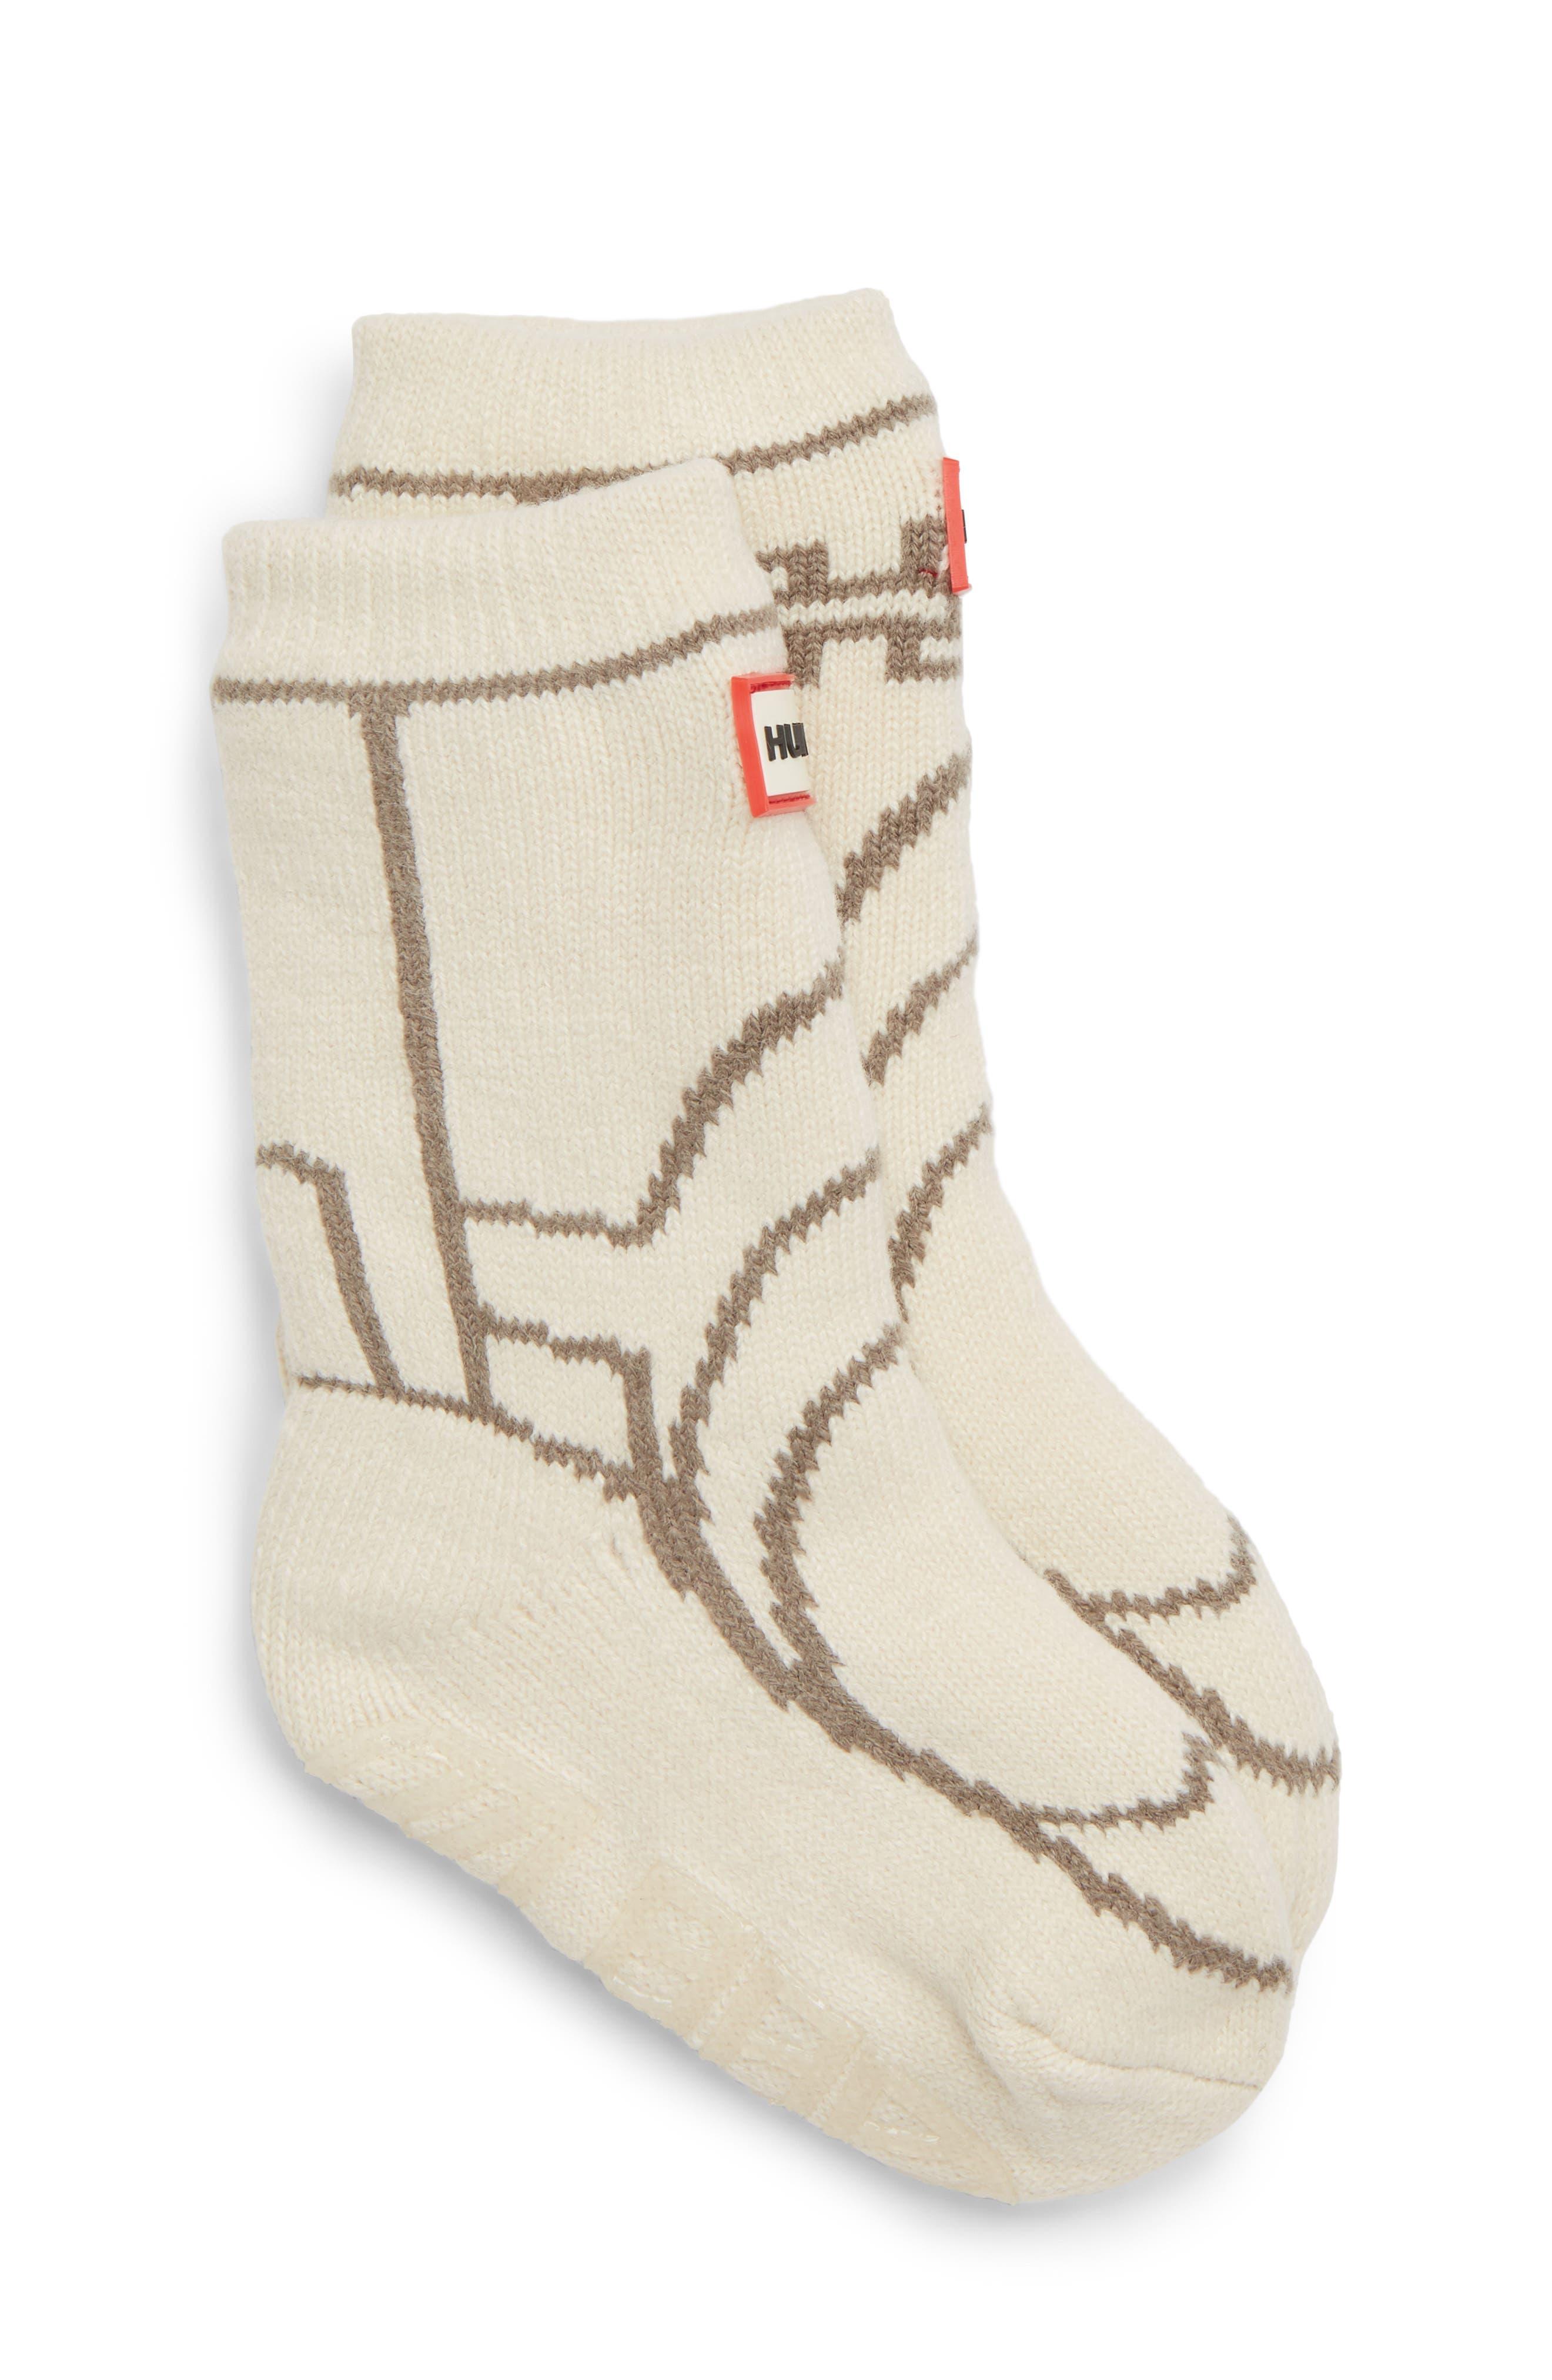 Toddler Hunter Original Boot Slipper Socks Size Large  White